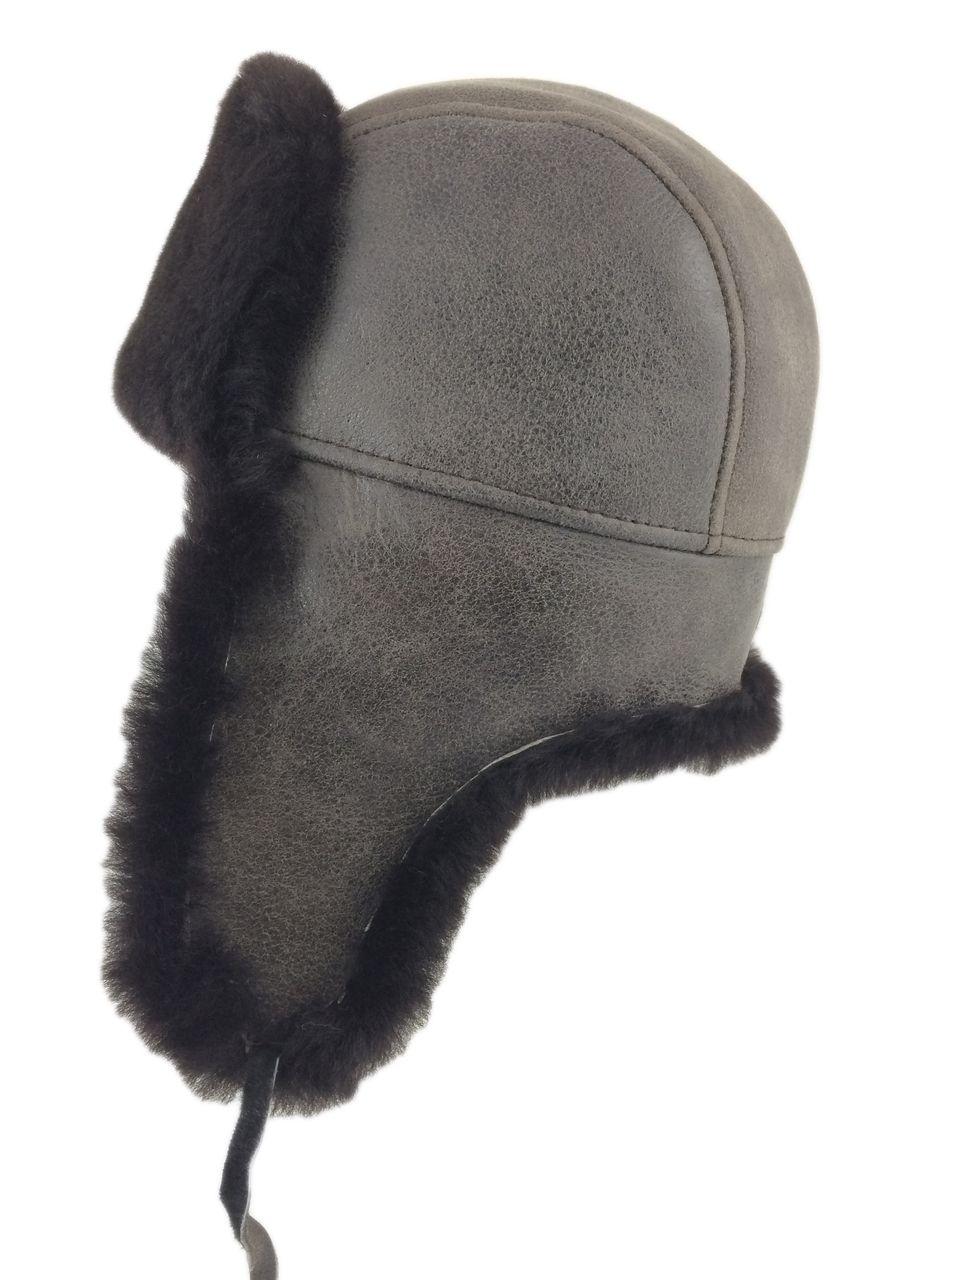 2ac30994c090d Shearling Sheepskin Aviator Winter Fur Hat - Gray